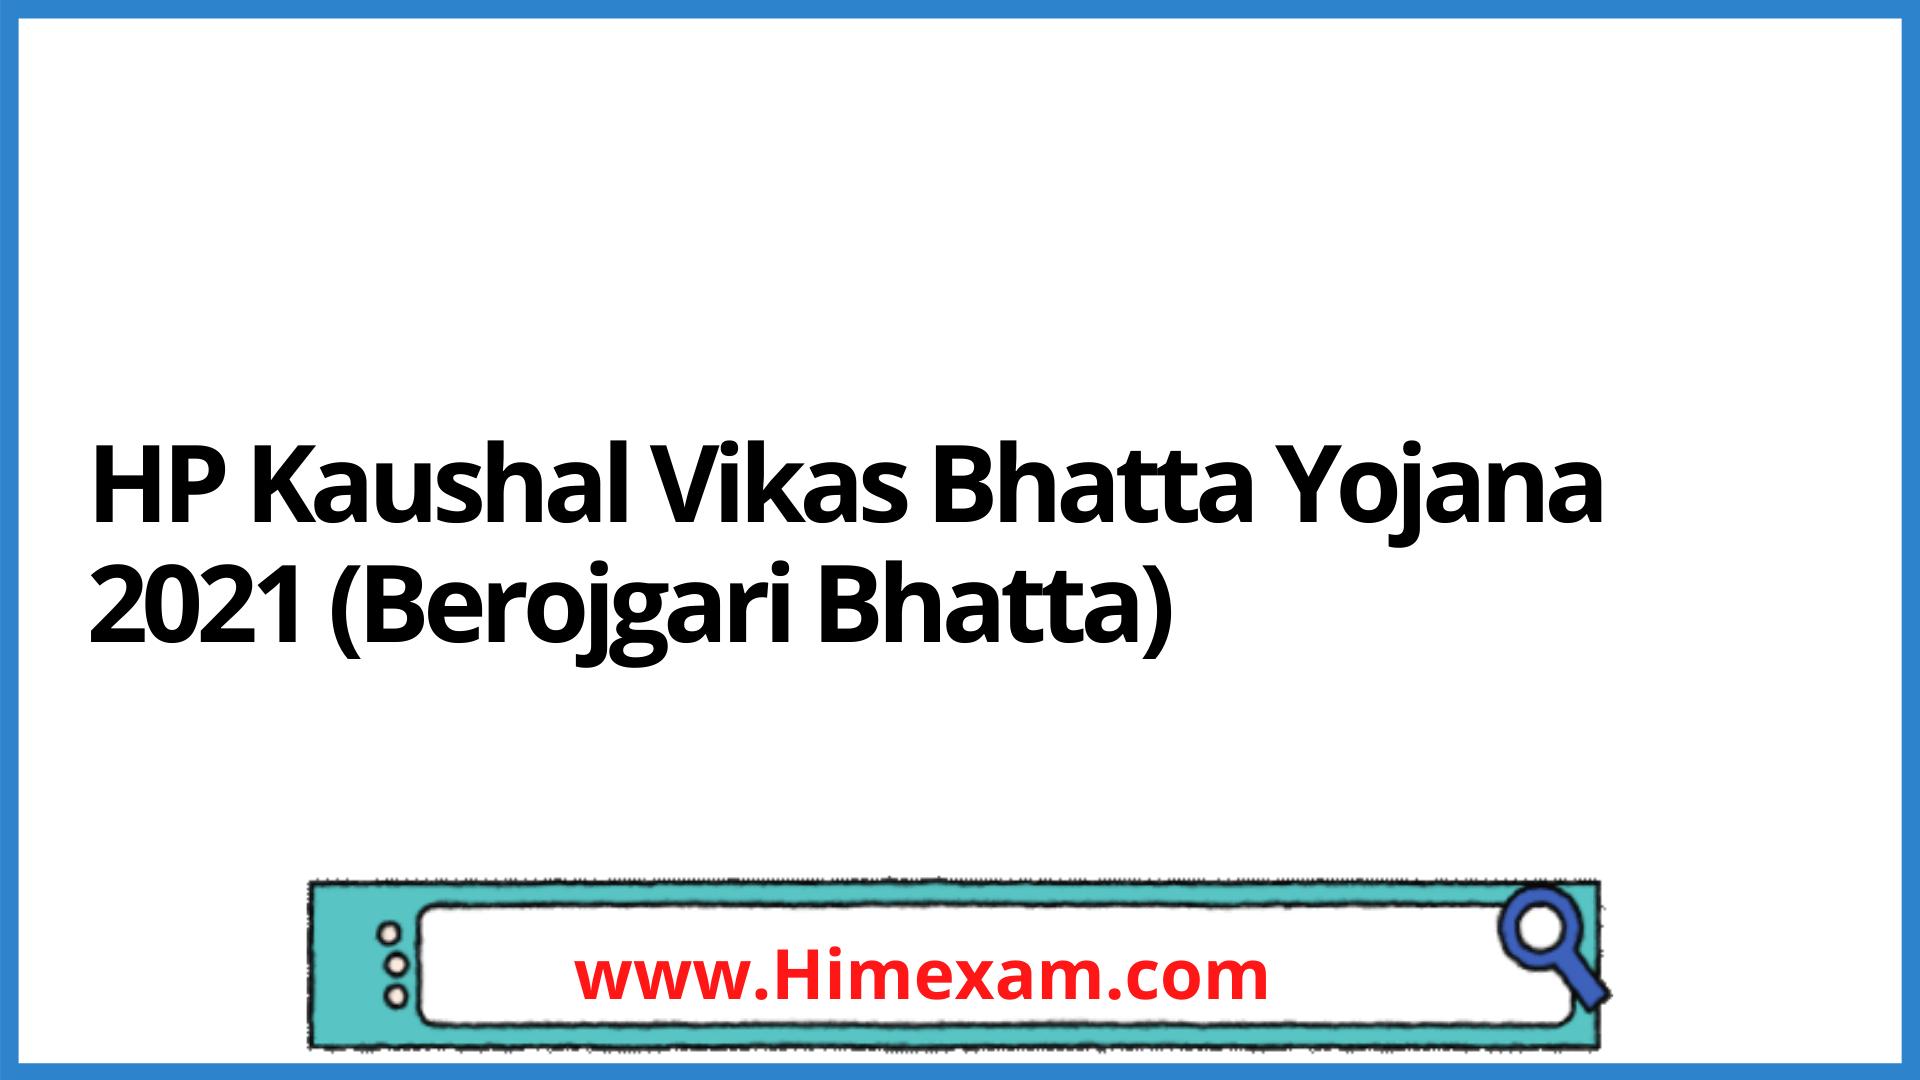 HP Kaushal Vikas Bhatta Yojana 2021 (Berojgari Bhatta)